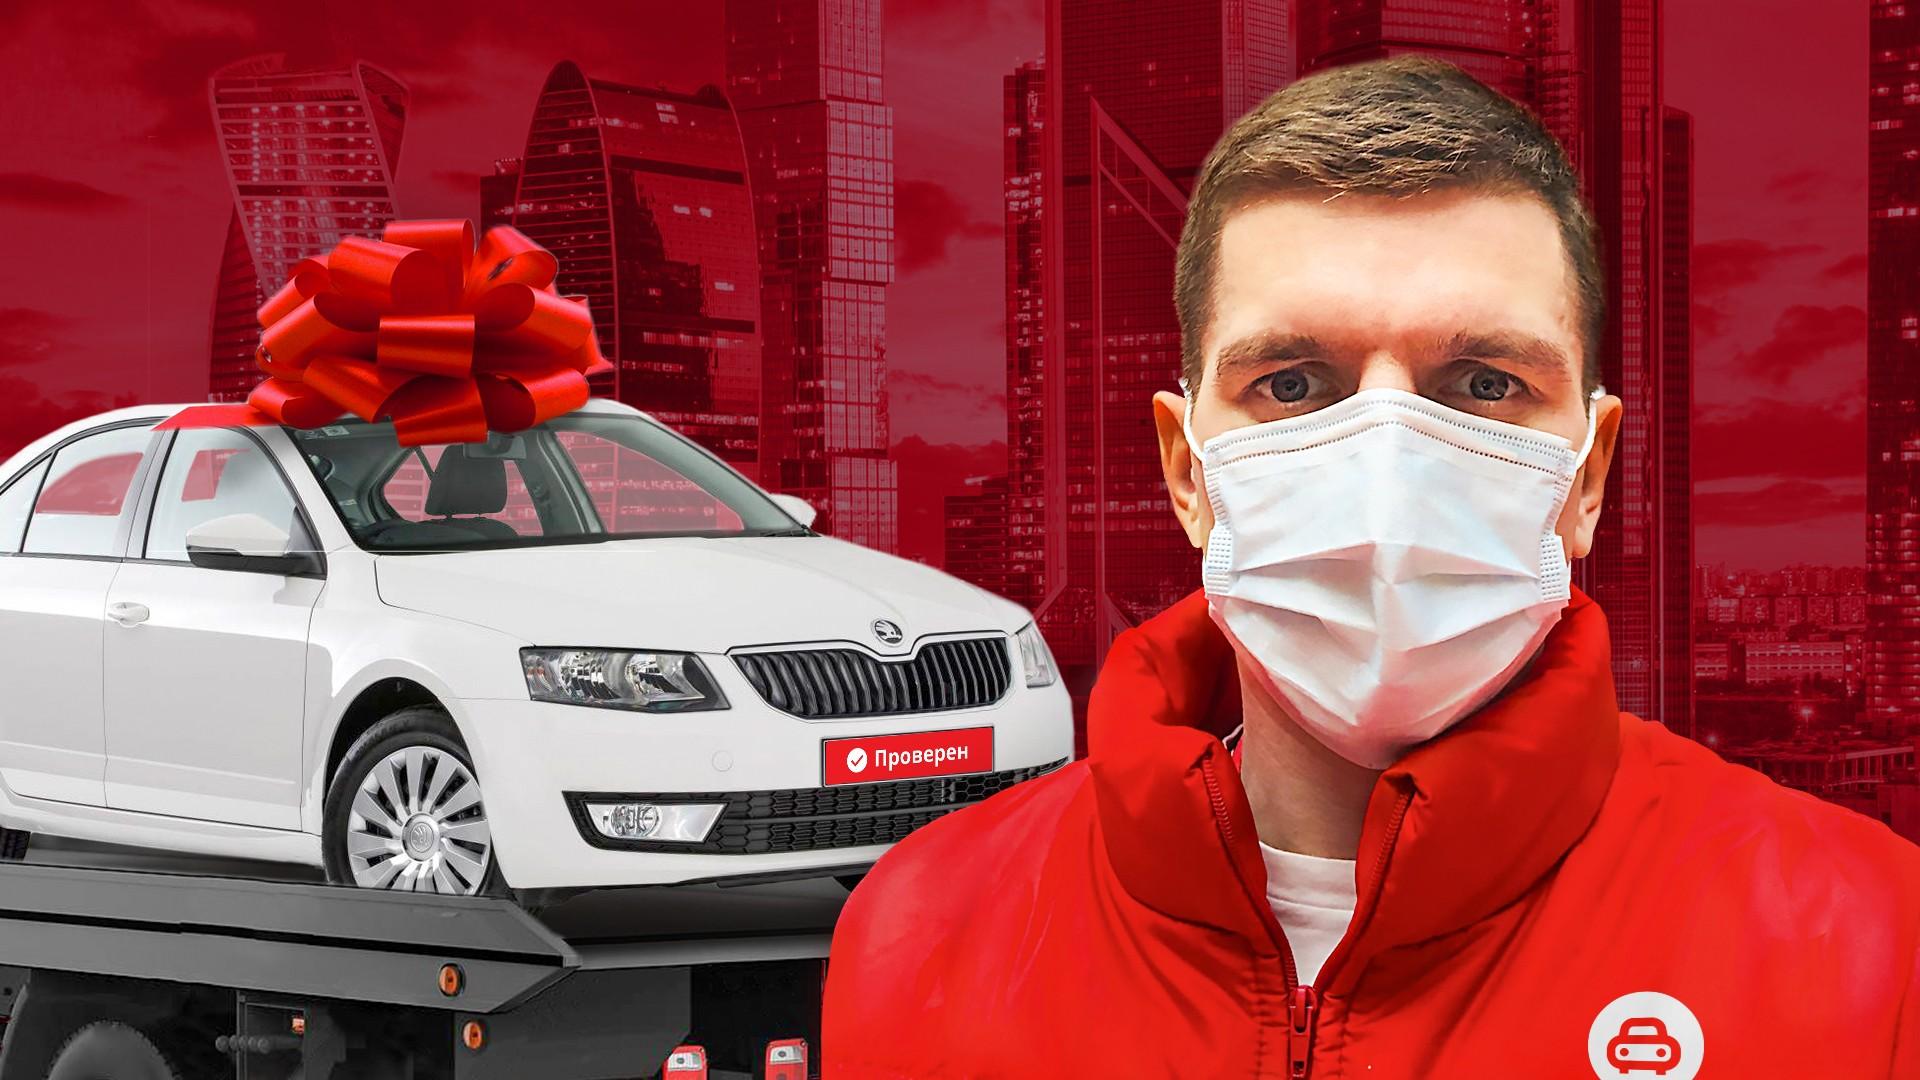 Automama повышает безопасность онлайн-покупки: доставка дезинфицированных авто